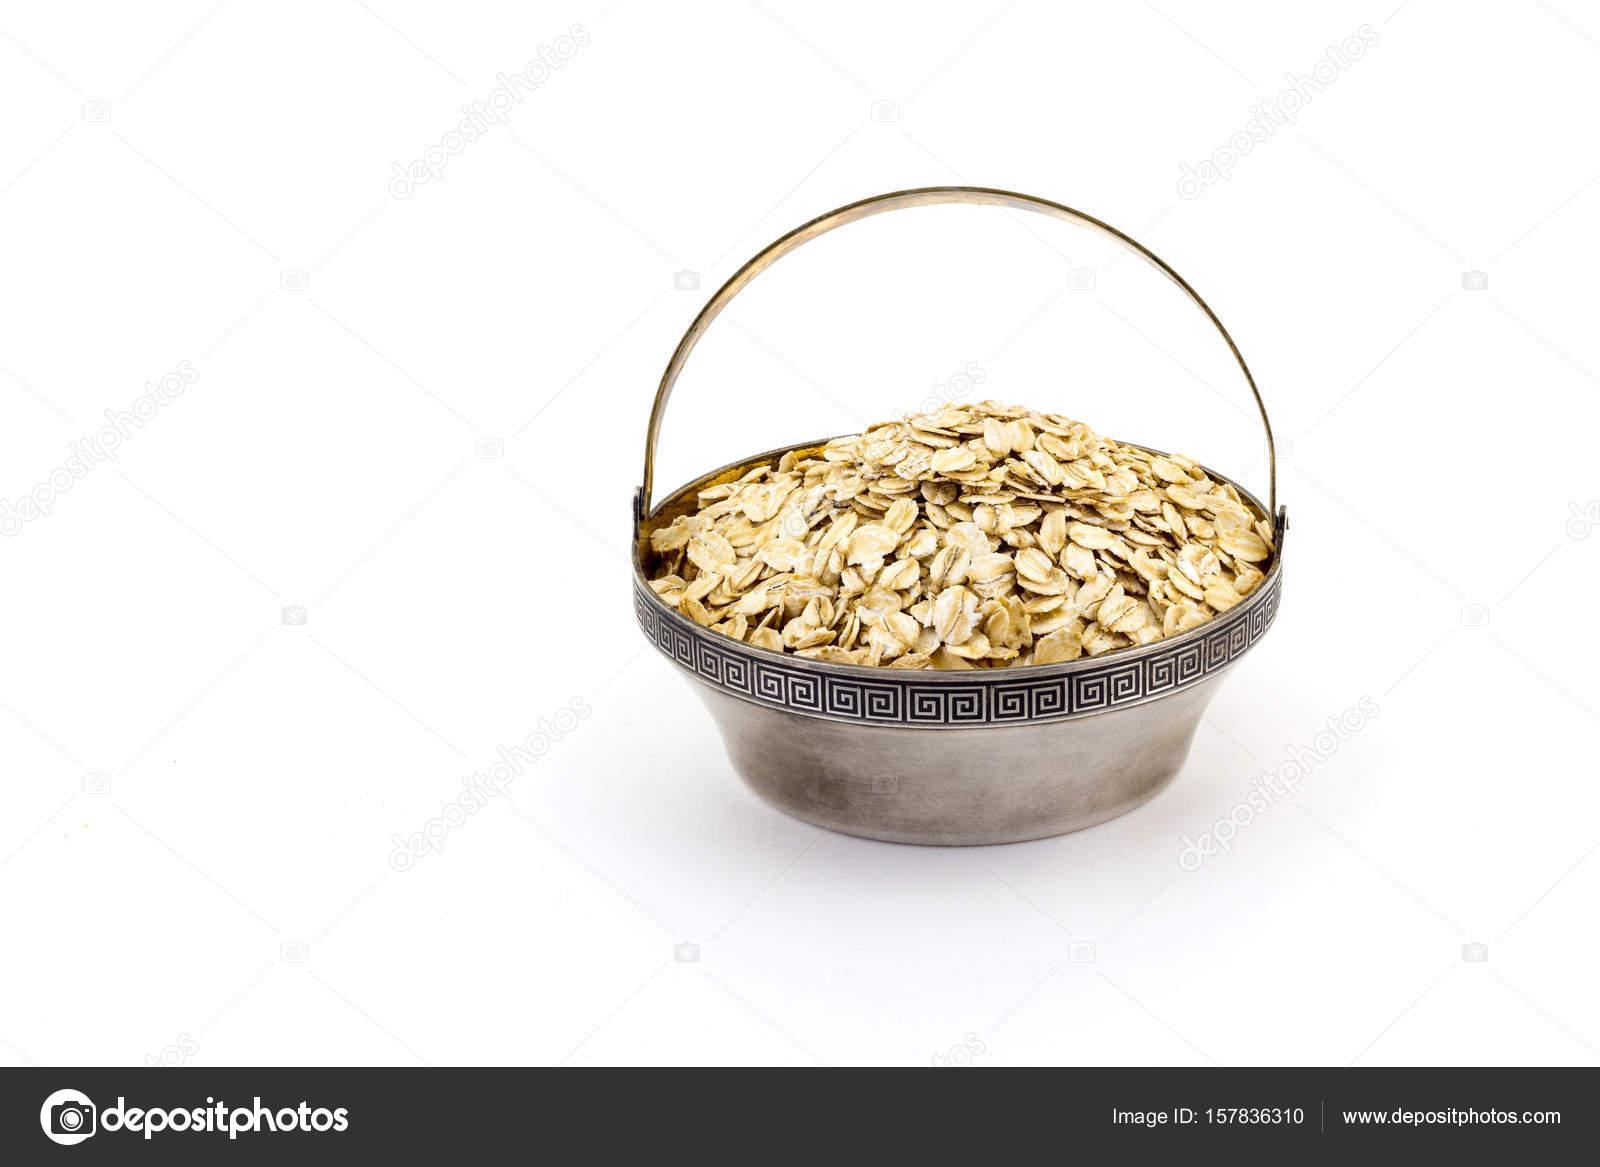 La avena arrollada se puede comer cruda